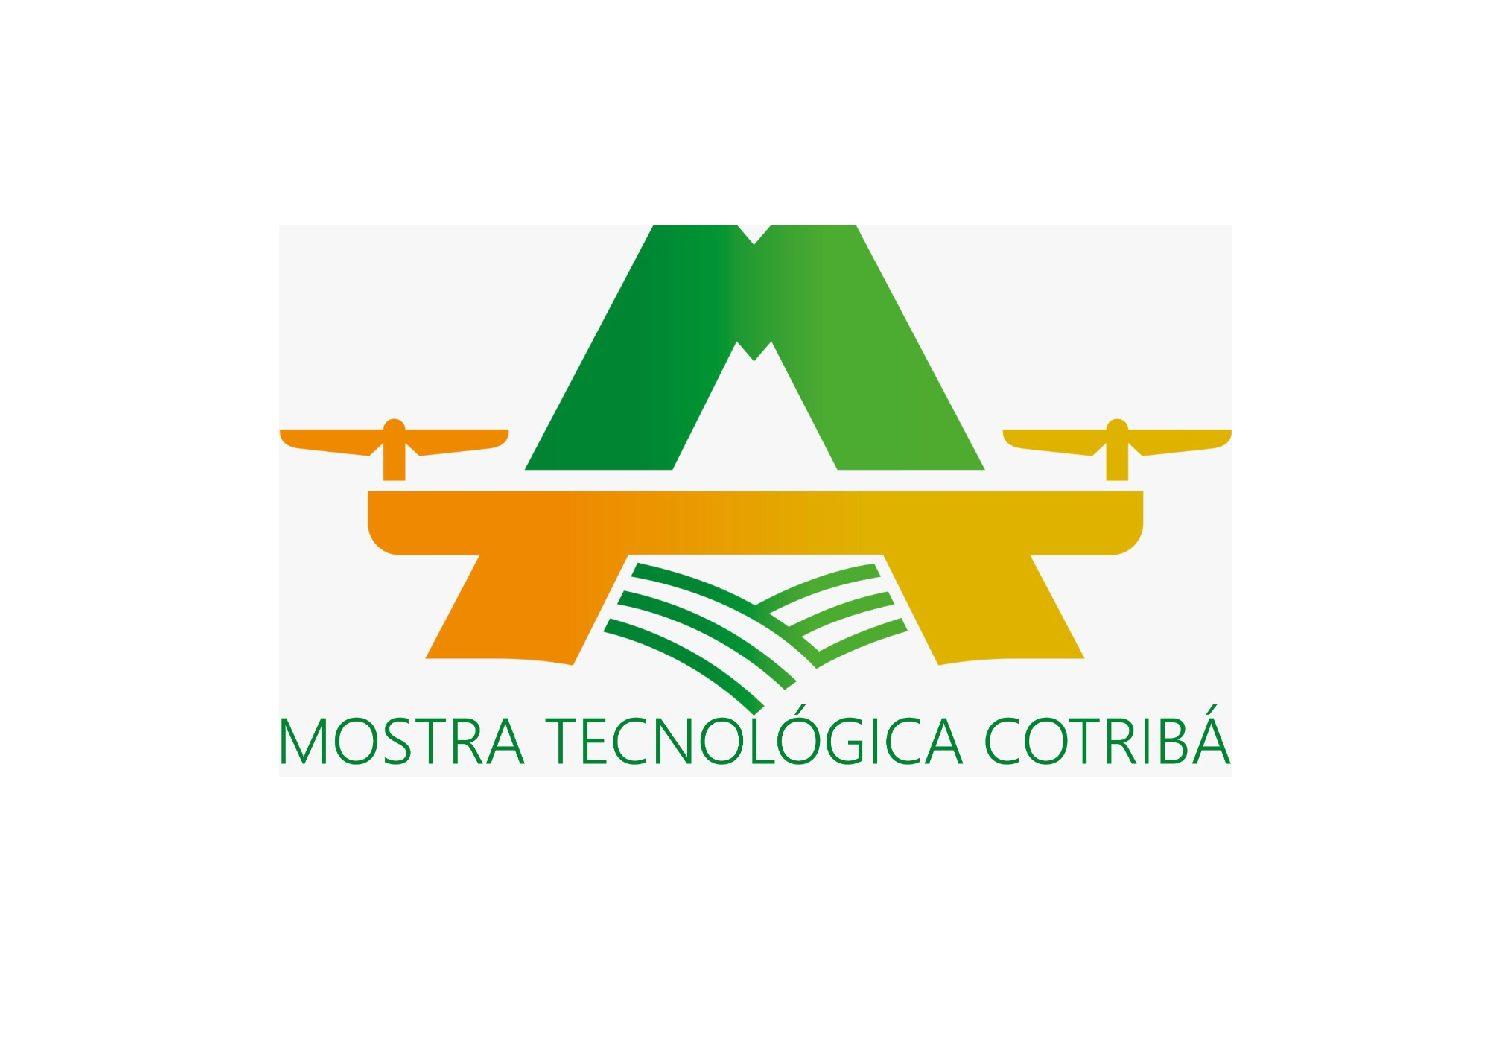 CAMISETAS POLOS COM LOGOS IMPRESSAS E BORDADO CONTORNO PARA AMOSTRA TECNOLÓGICA DA COTRIBÁ.